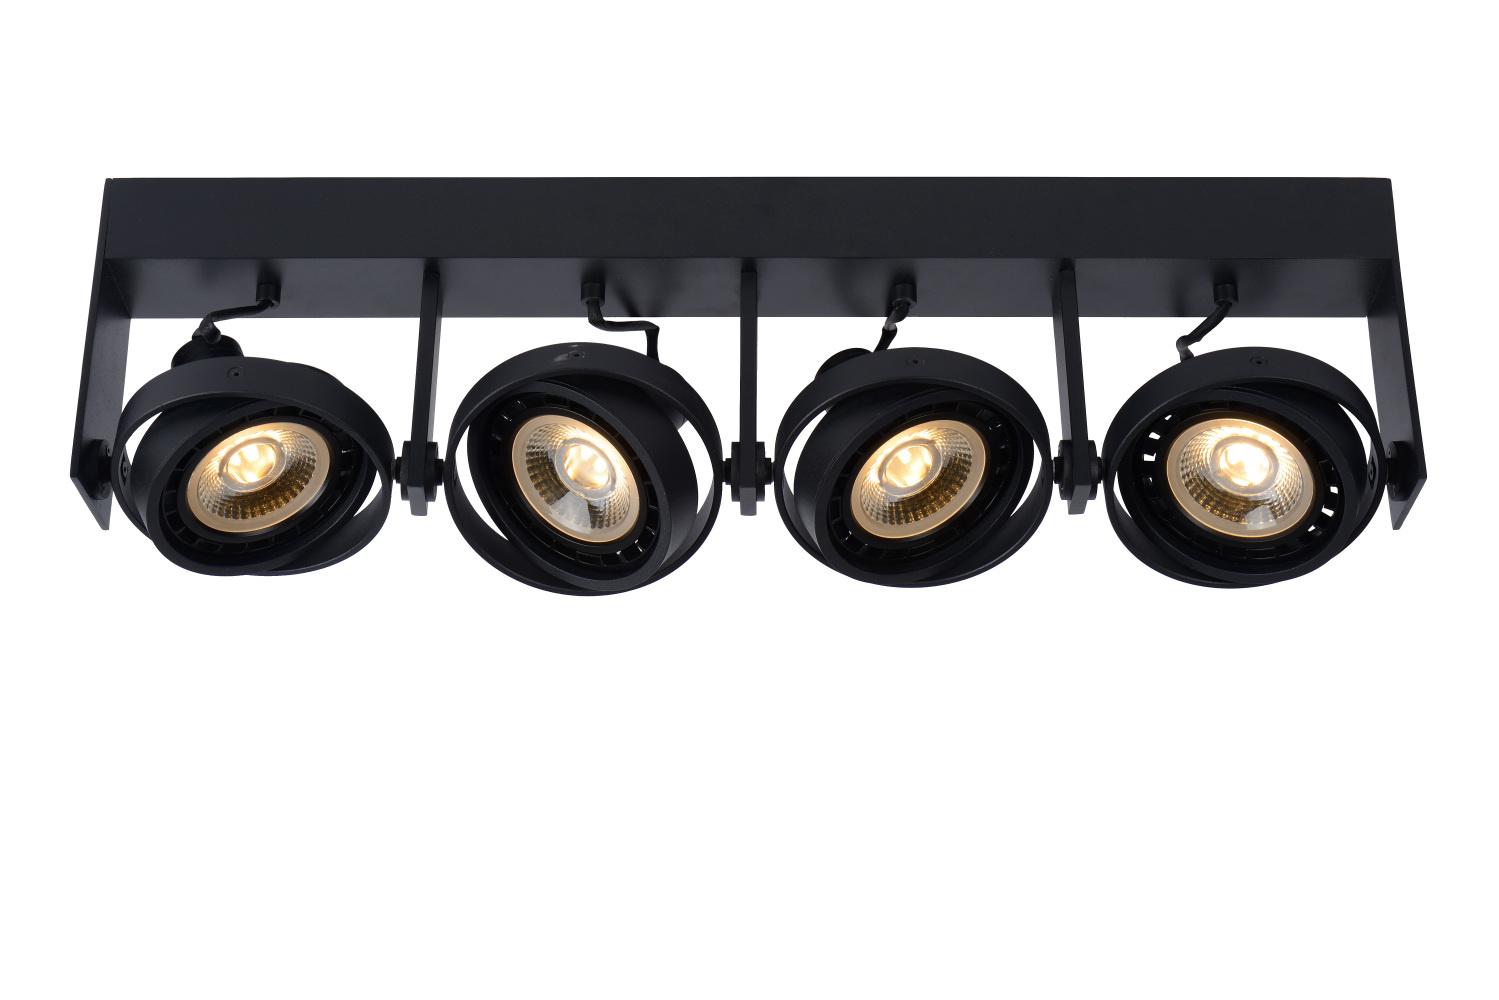 Lucide GRIFFON Plafondspot Dim-to-warm 4xGU10 12W Zwart